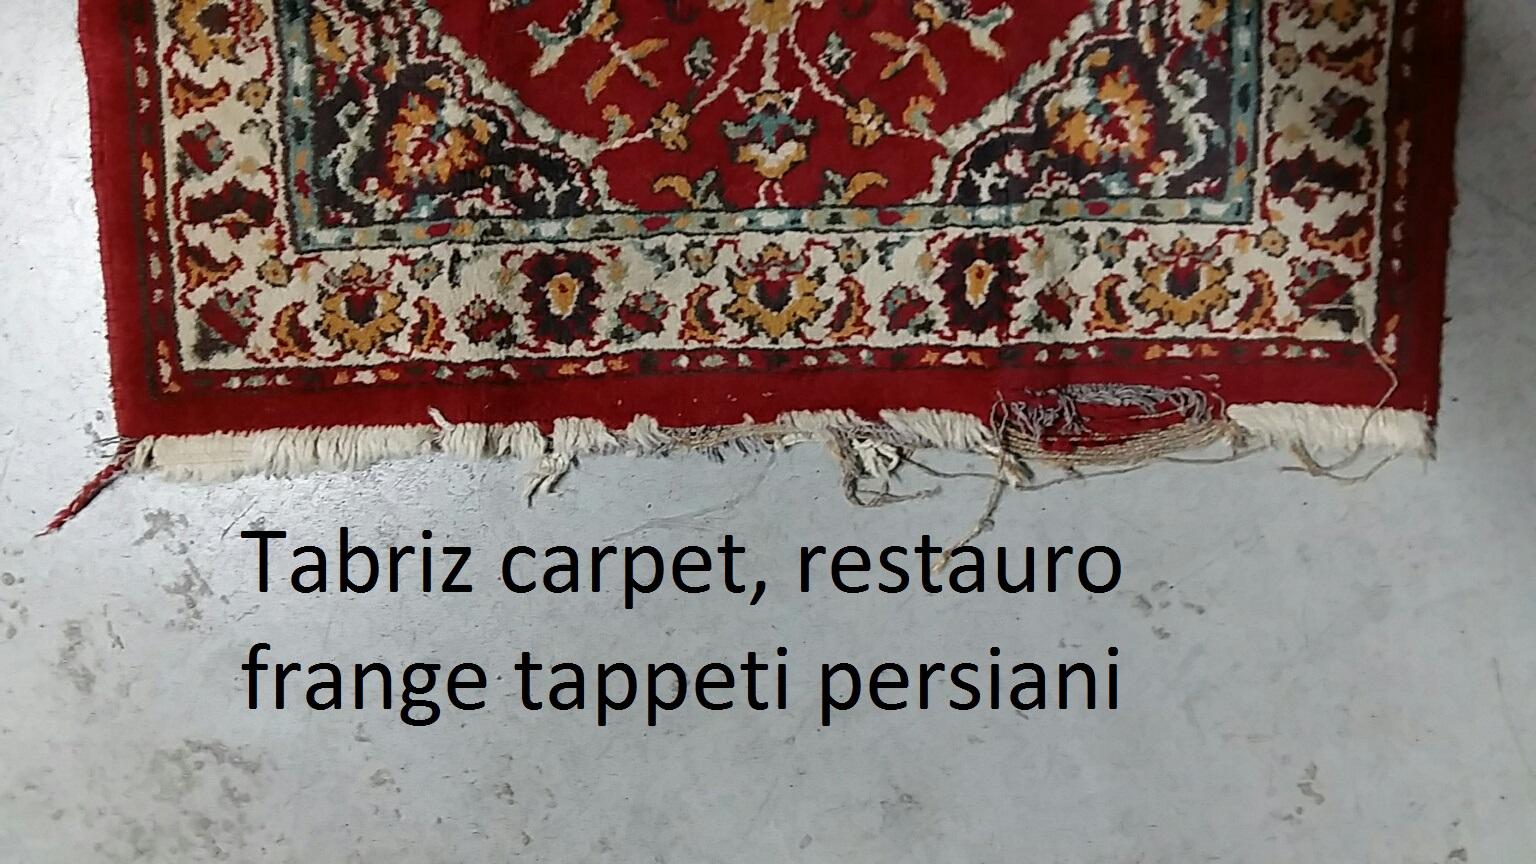 riparazione frange tapeto persiano Campoformido